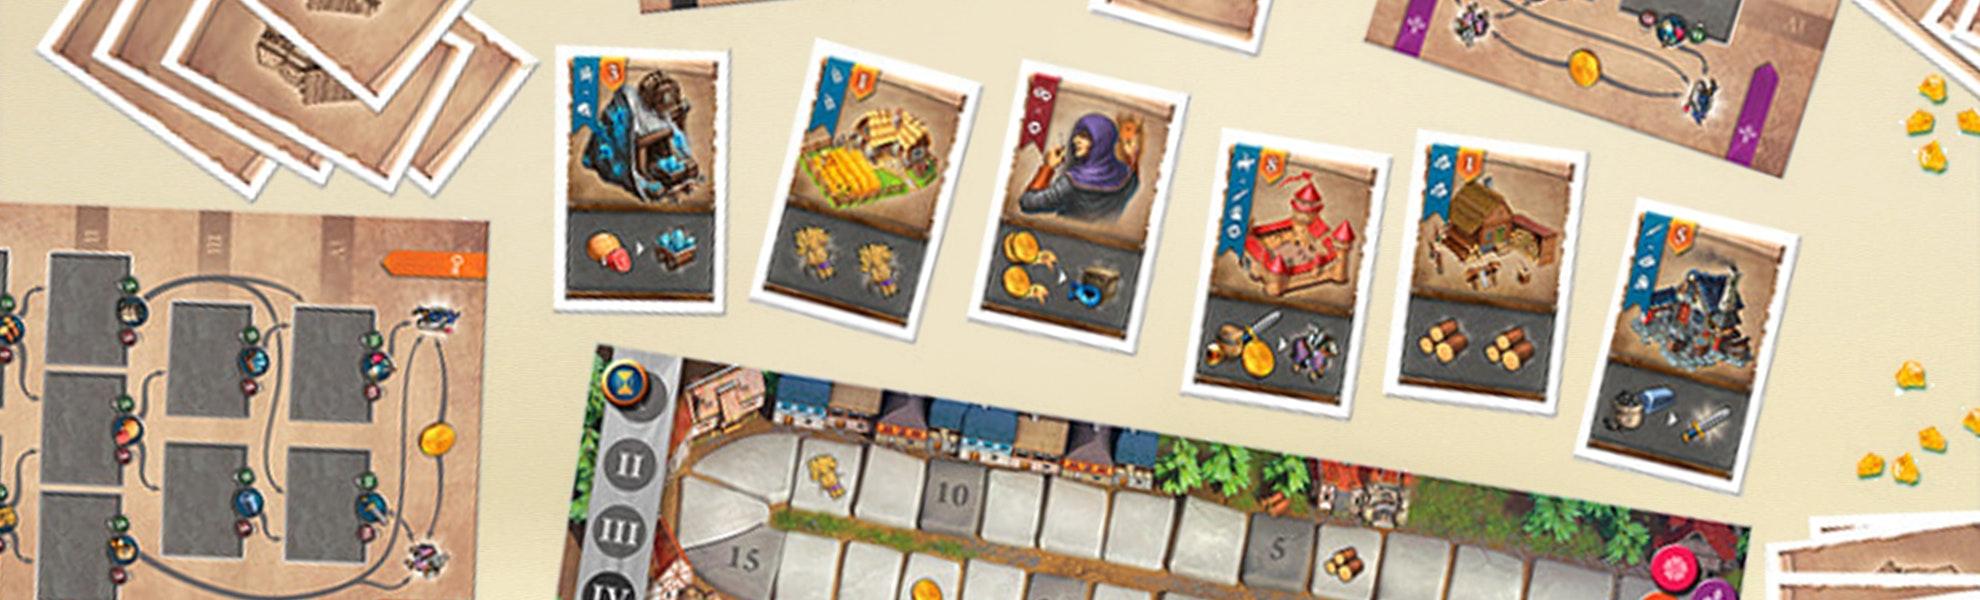 Artificium Board Game